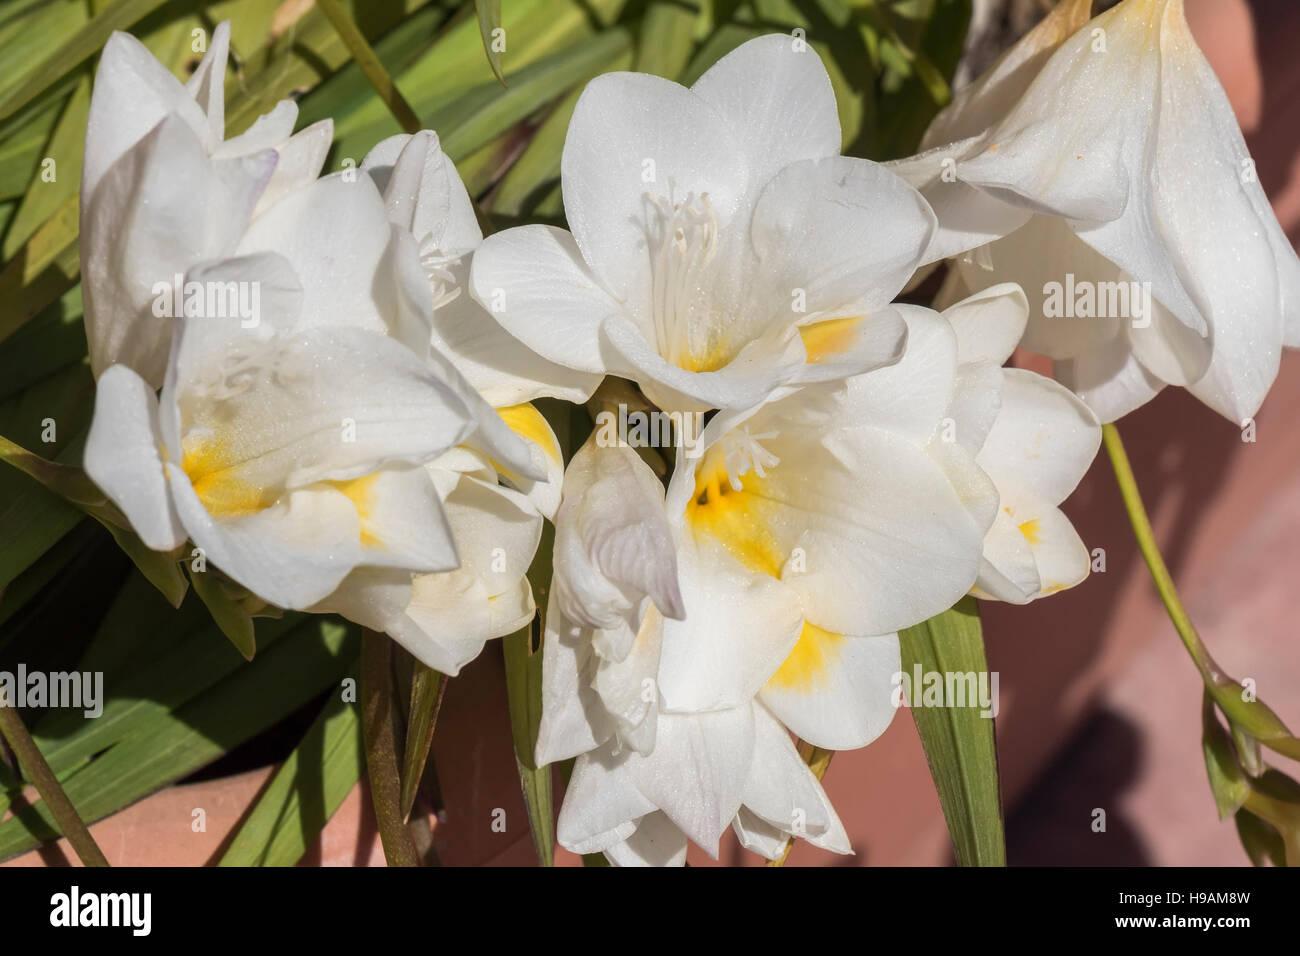 White Freesia Flower Stock Photo 126239929 Alamy